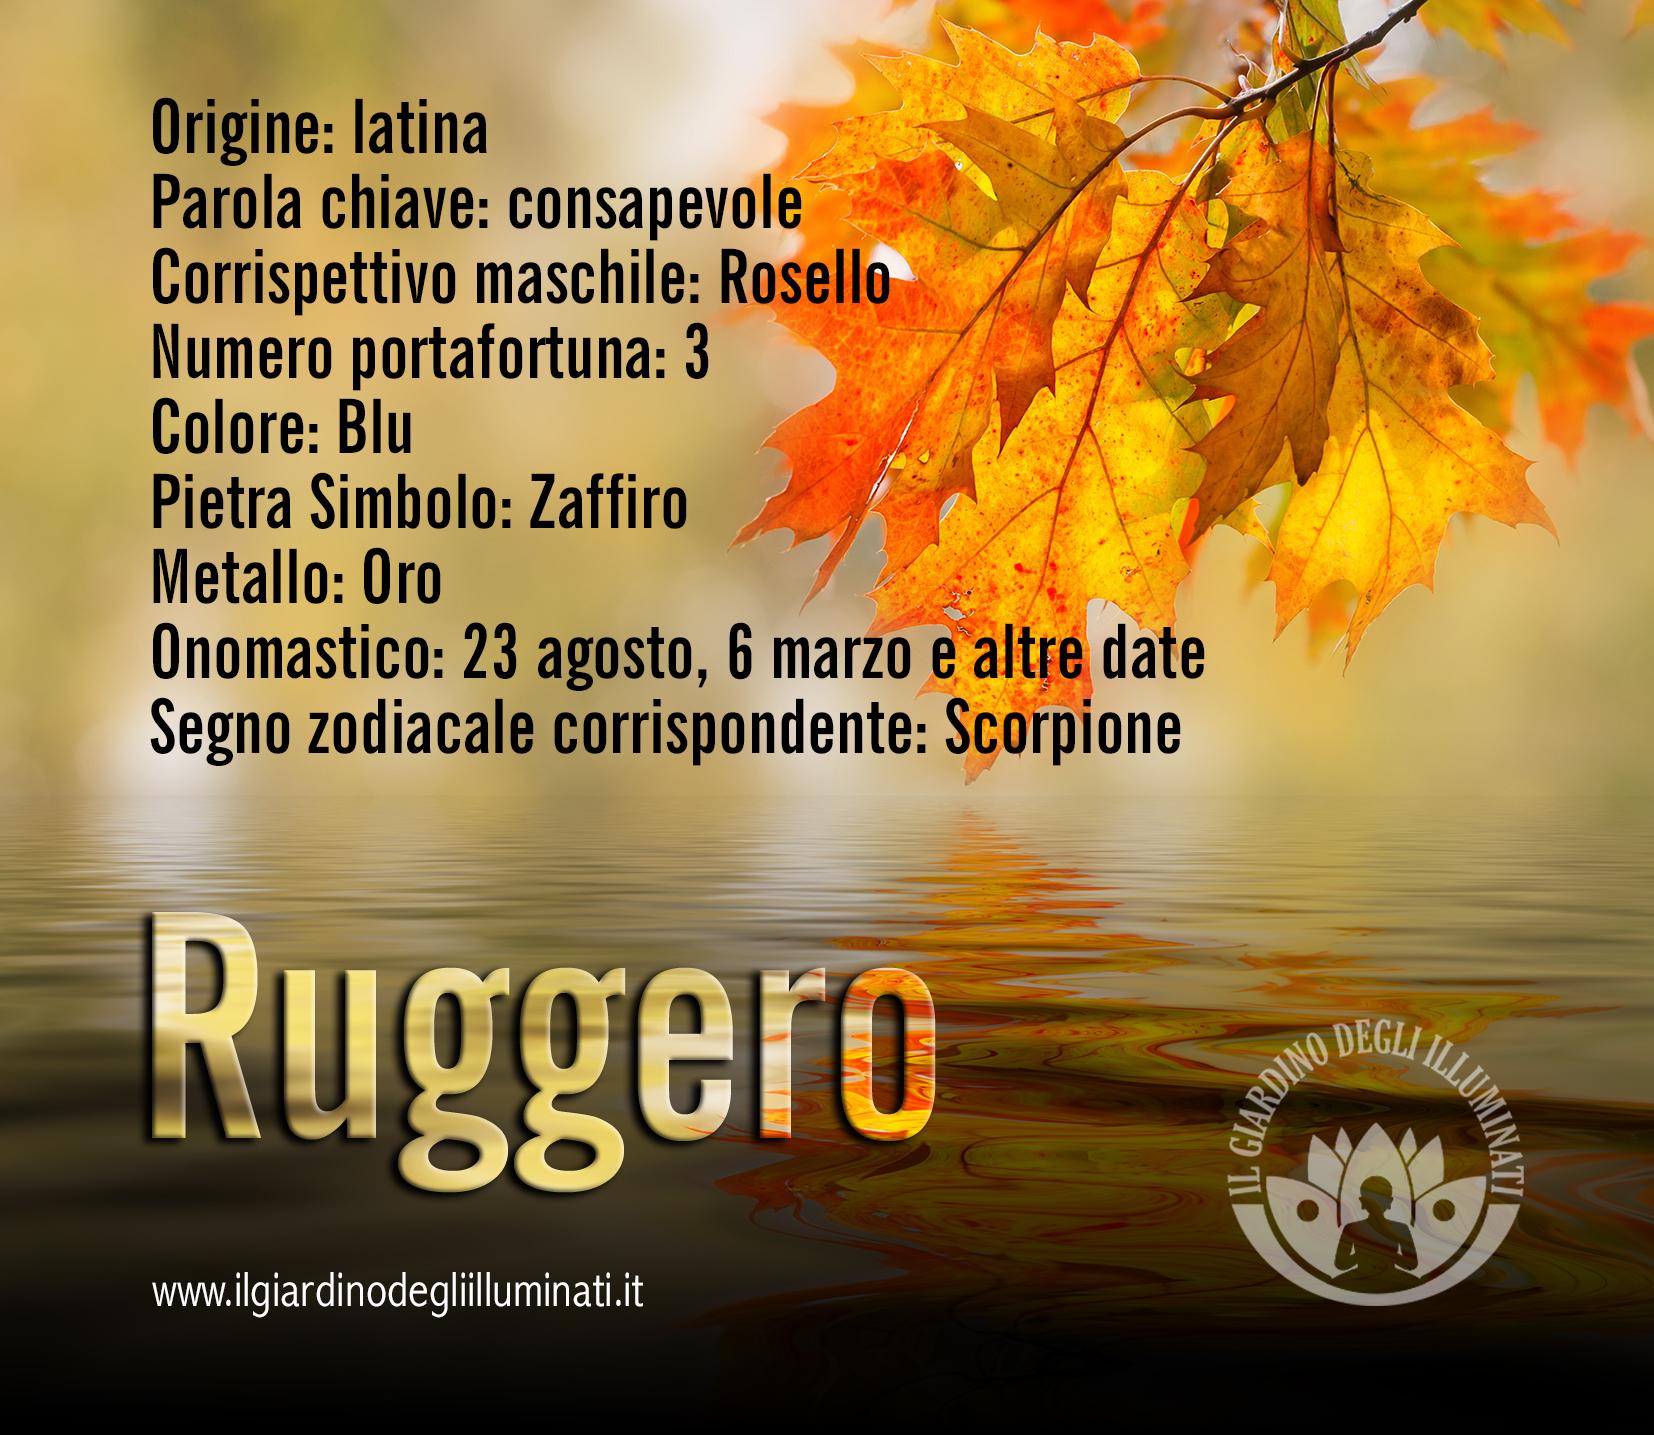 Ruggero signficato e origine